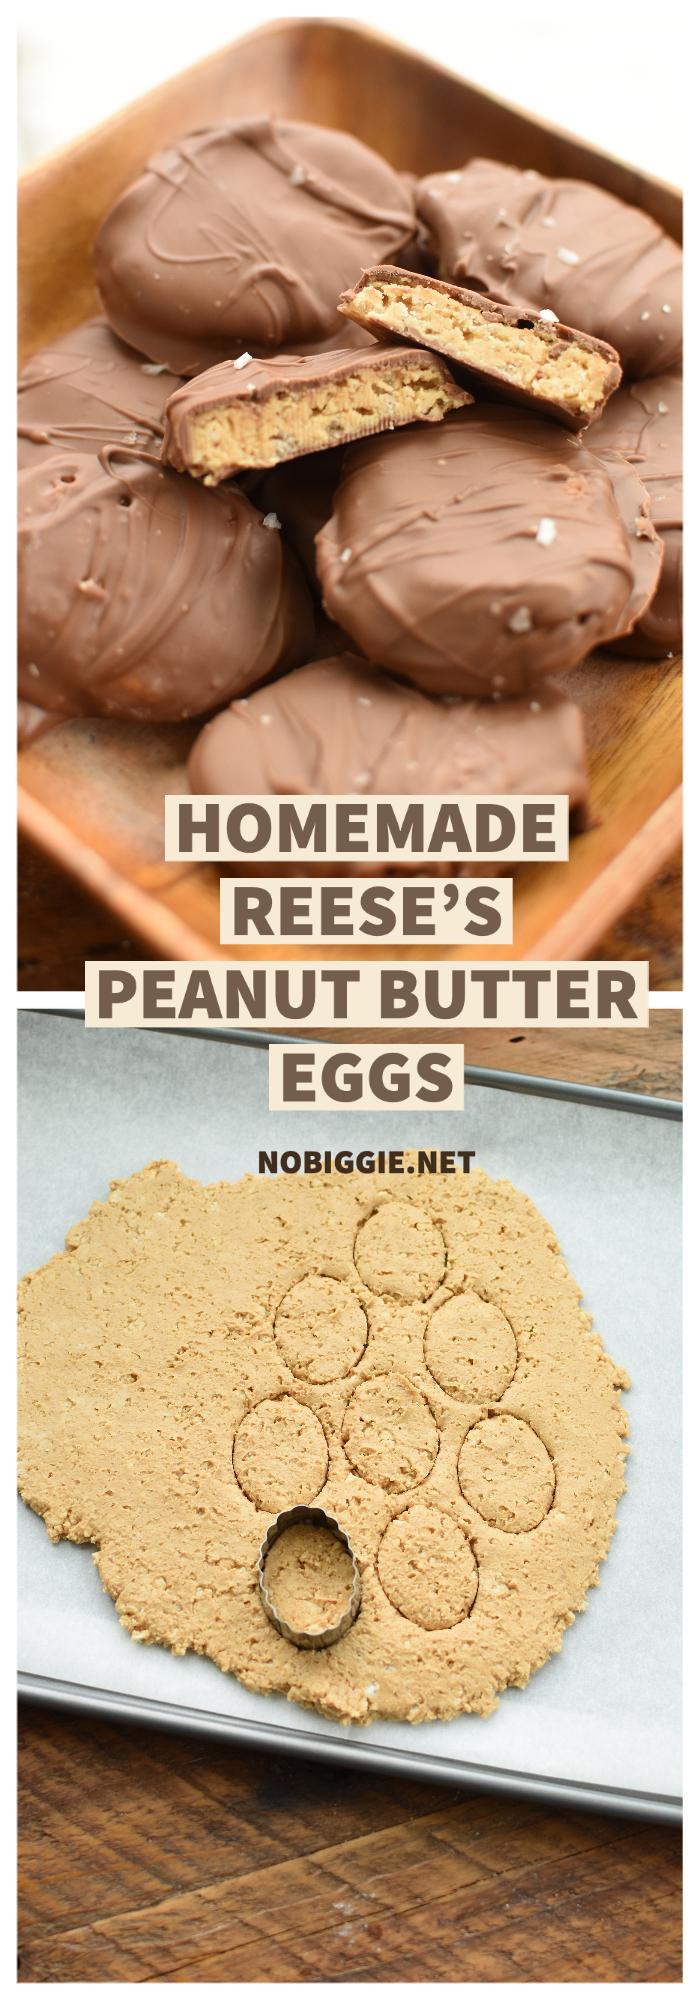 Homemade Reese's Eggs | NoBiggie.net